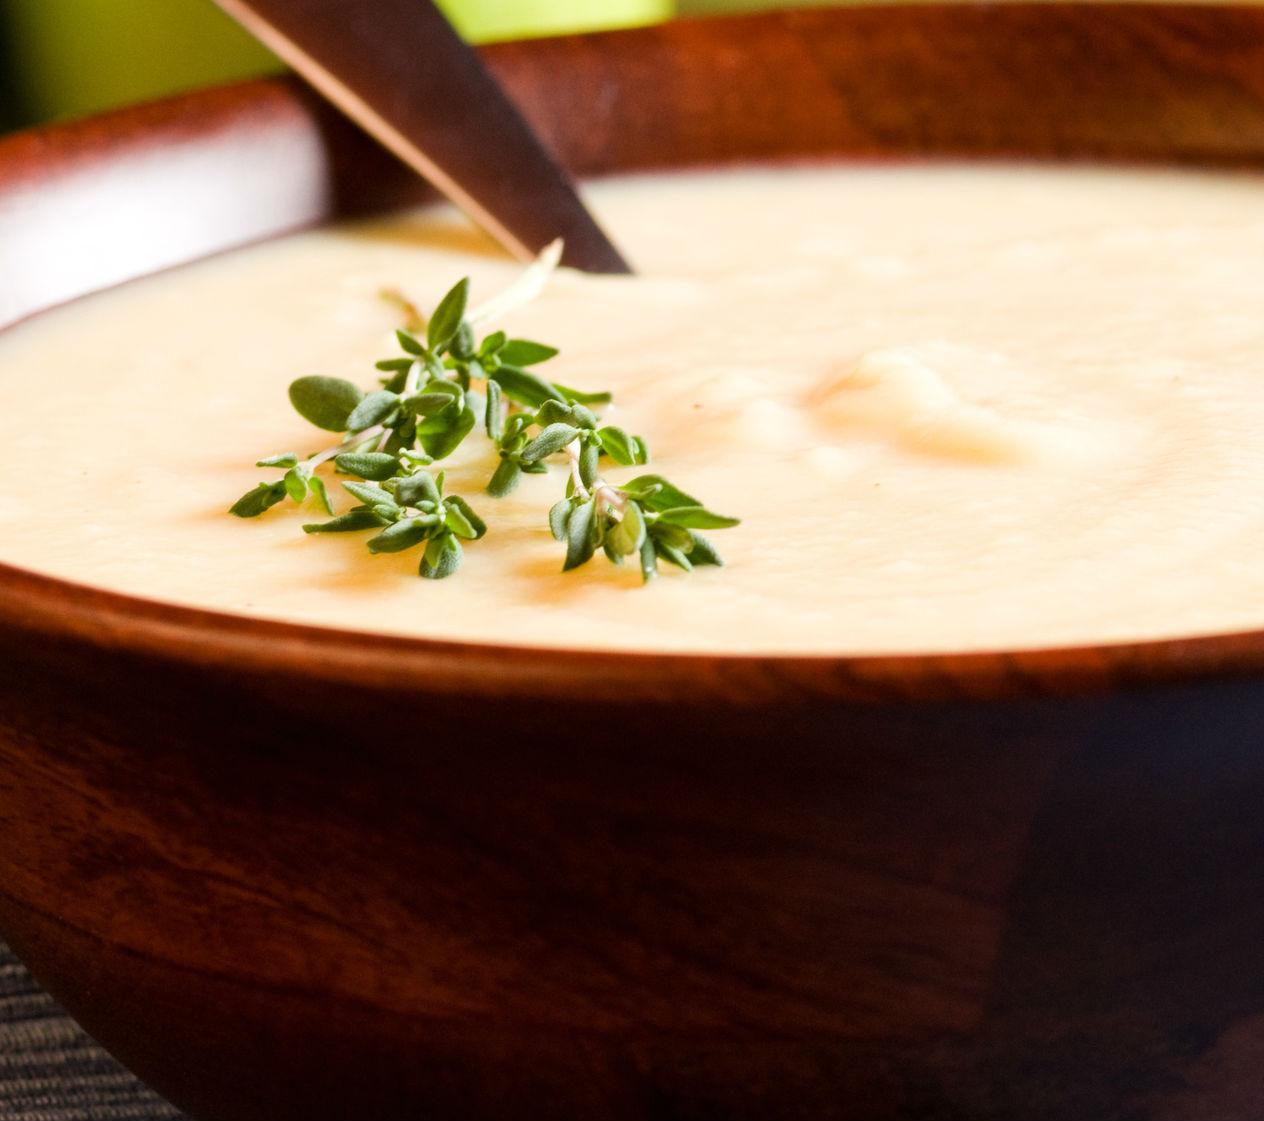 Fahéjas, tejszínes birsalmaleves melegen - Így biztosan nem lesz csomós a habarás